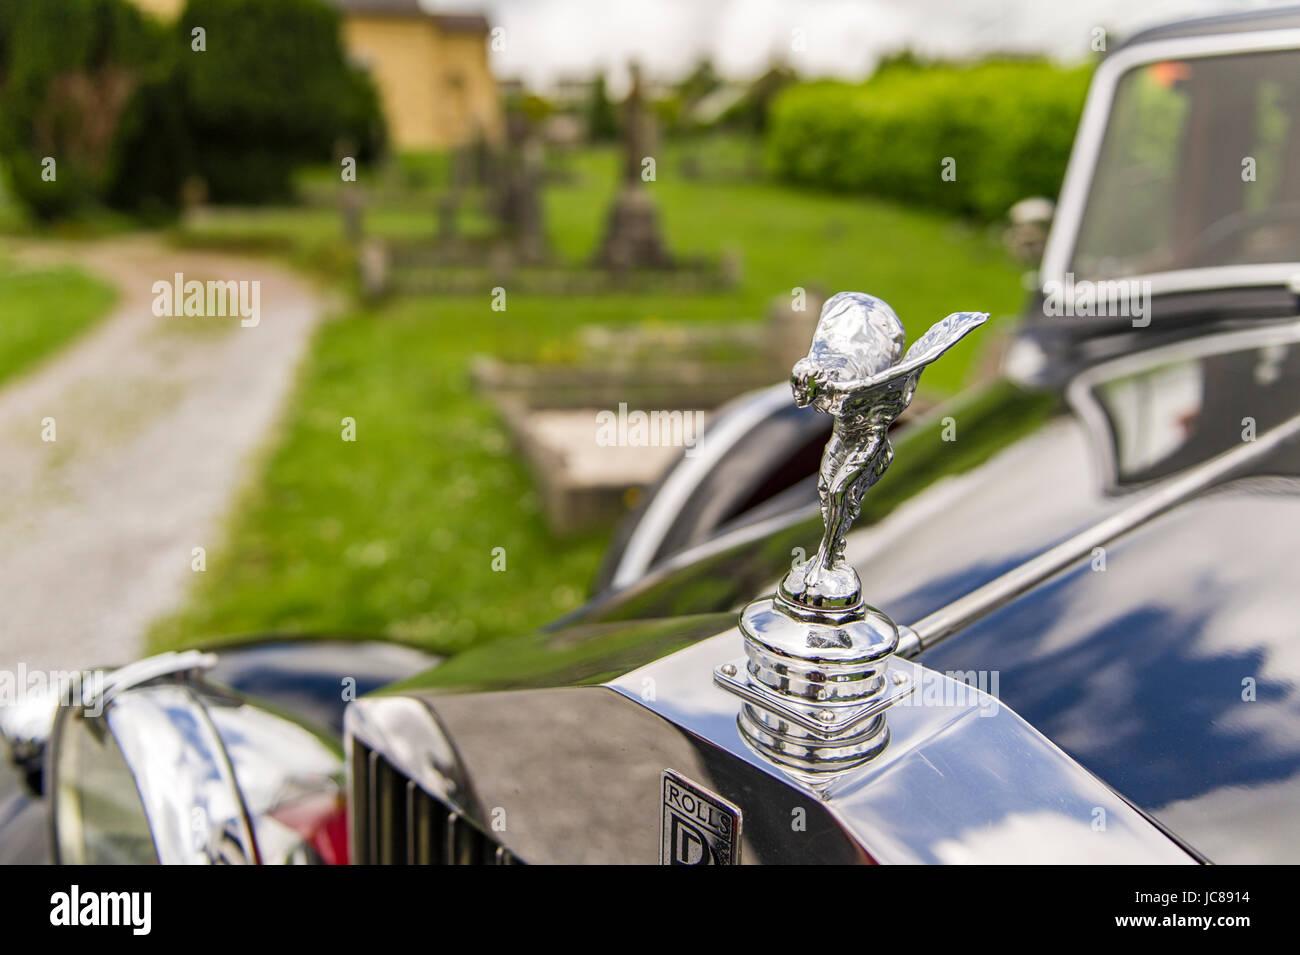 rolls-royce-silver-lady-figurine-on-a-19